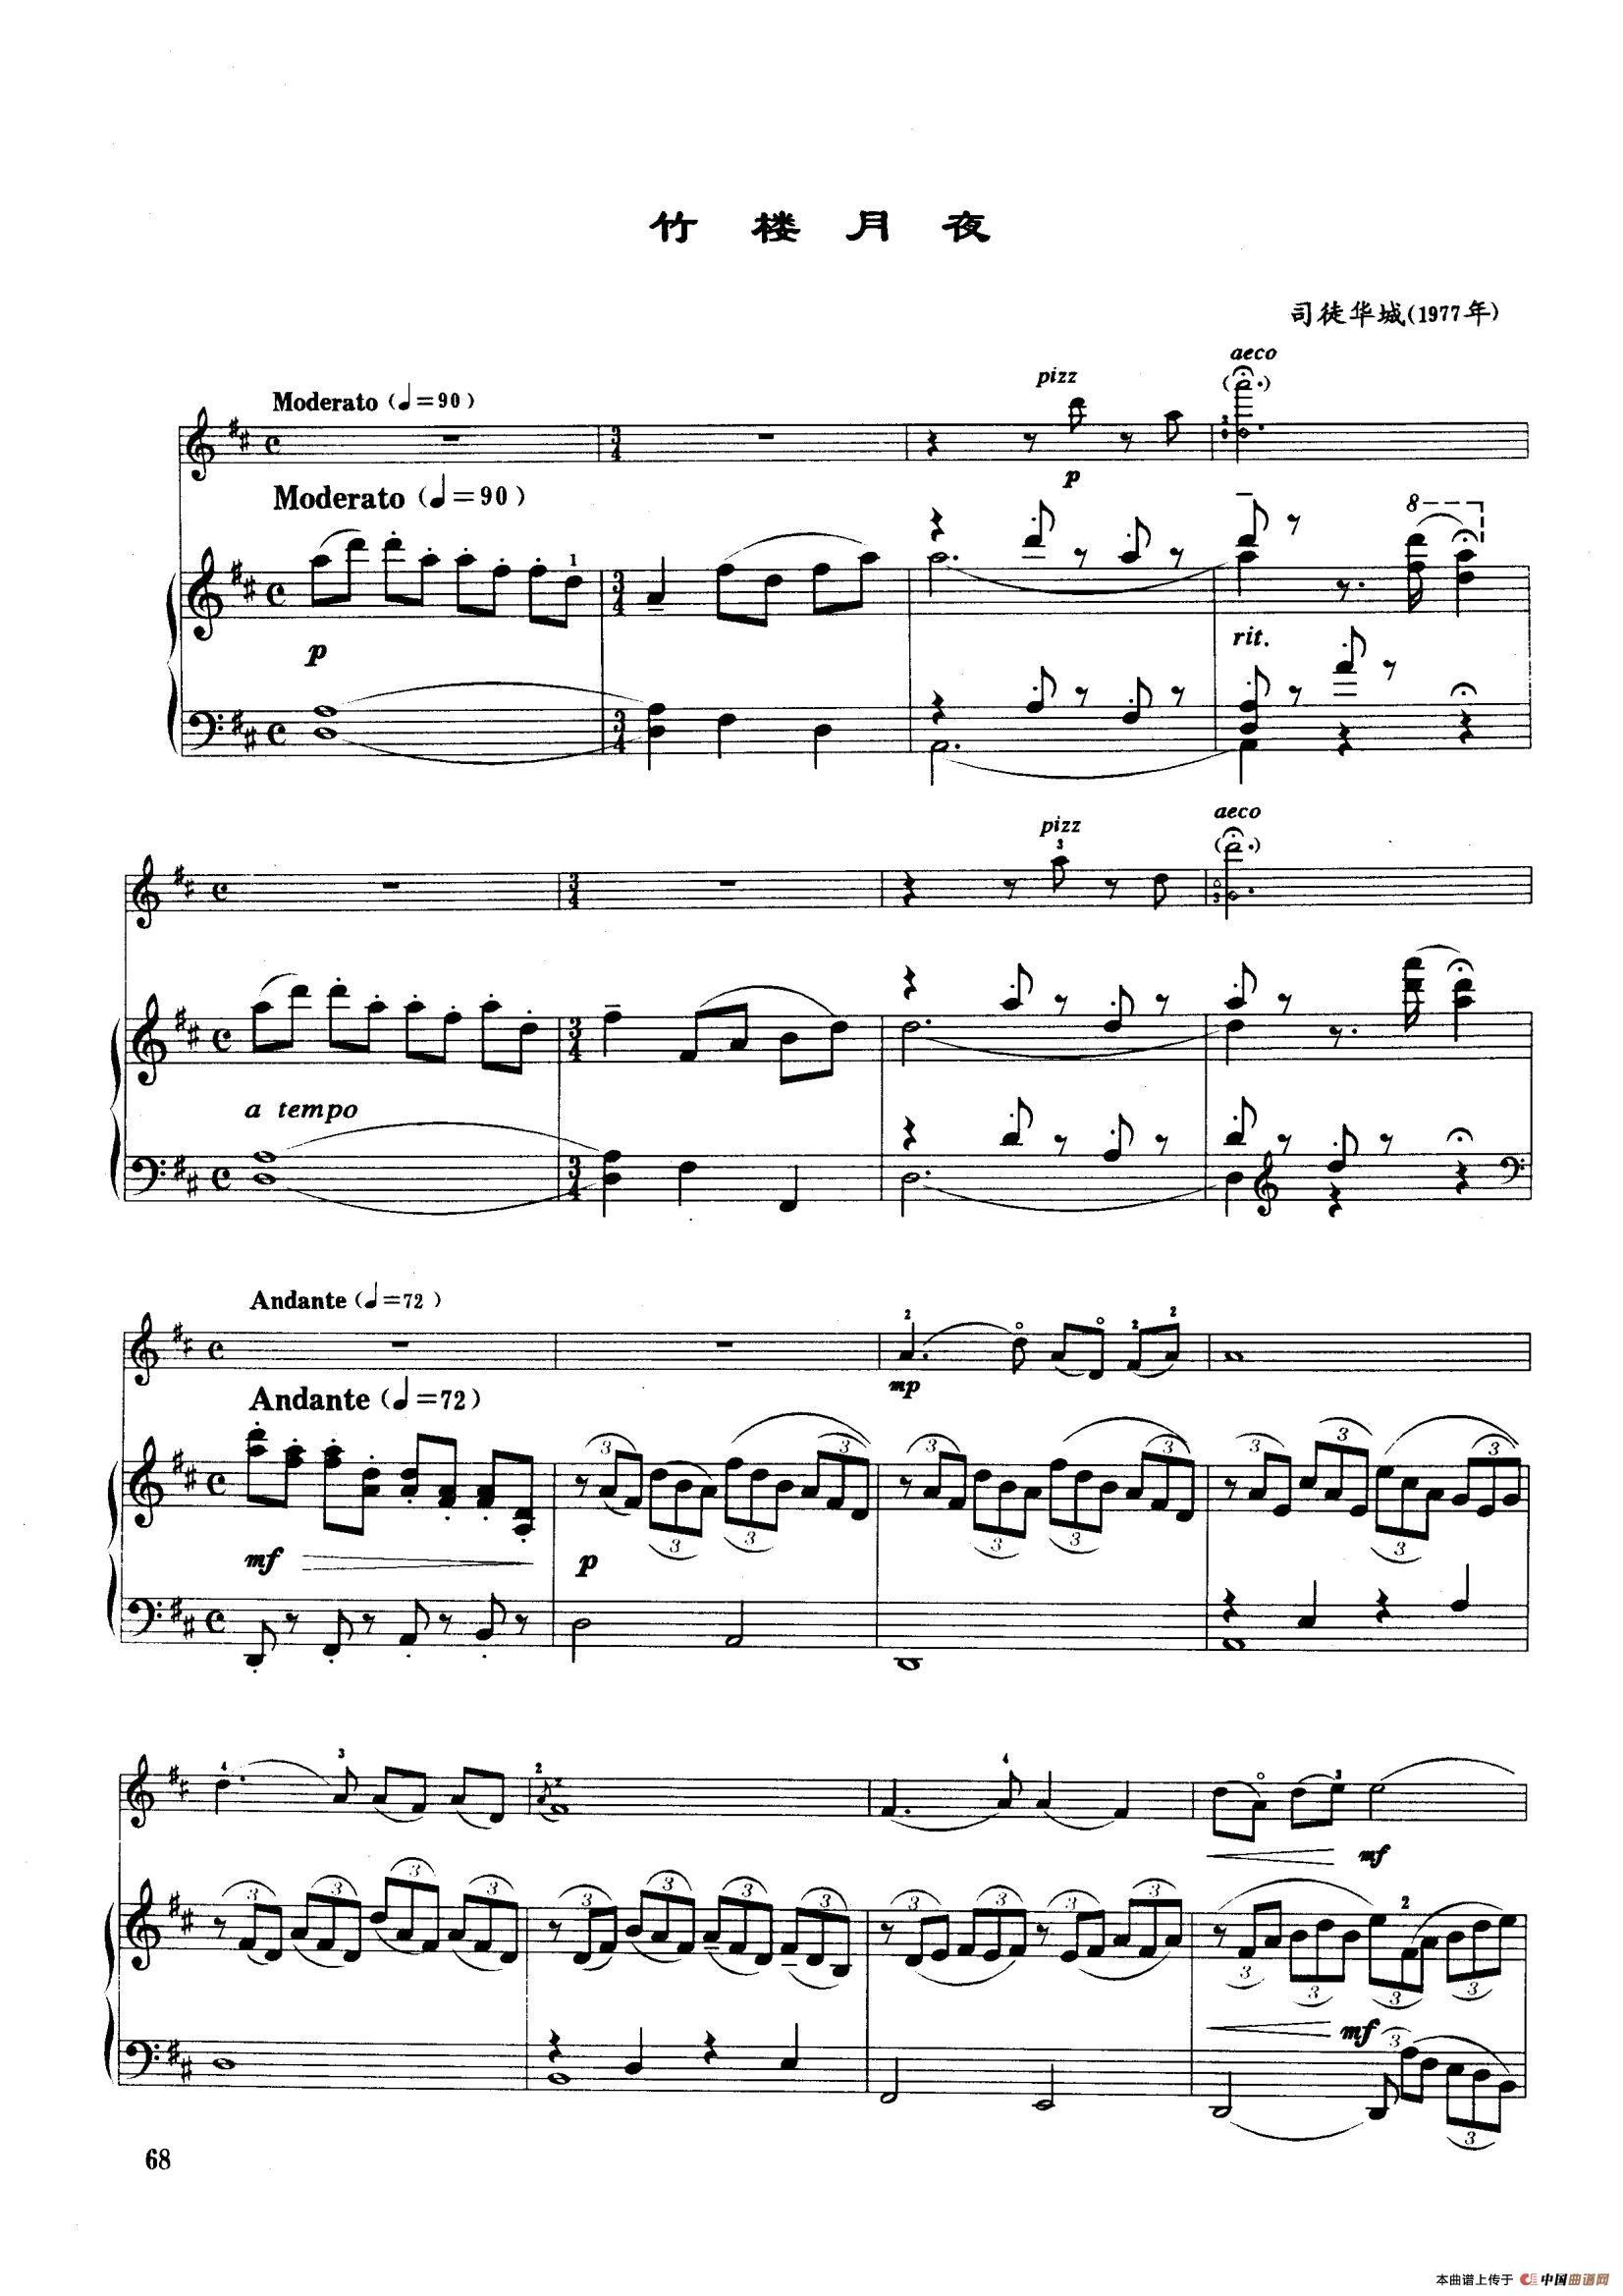 竹楼月夜提琴谱(小提琴 钢琴伴奏)_器乐乐谱_中国曲谱